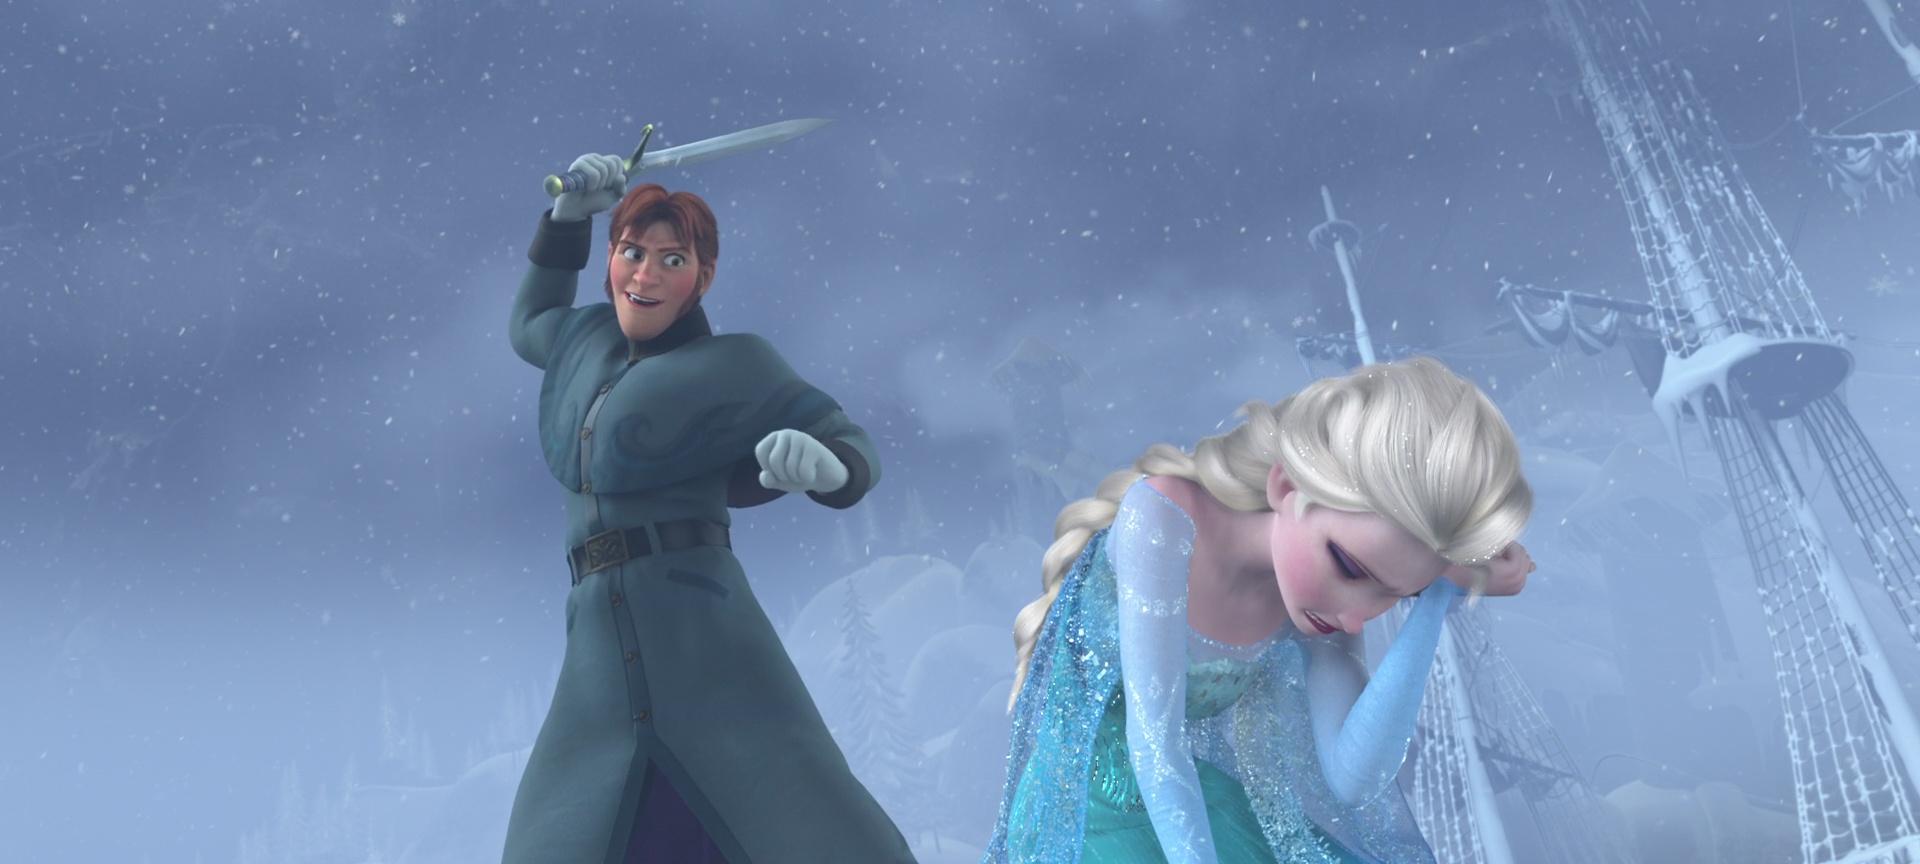 Hans personnage dans la reine des neiges disney planet - La reine des neiges personnage ...